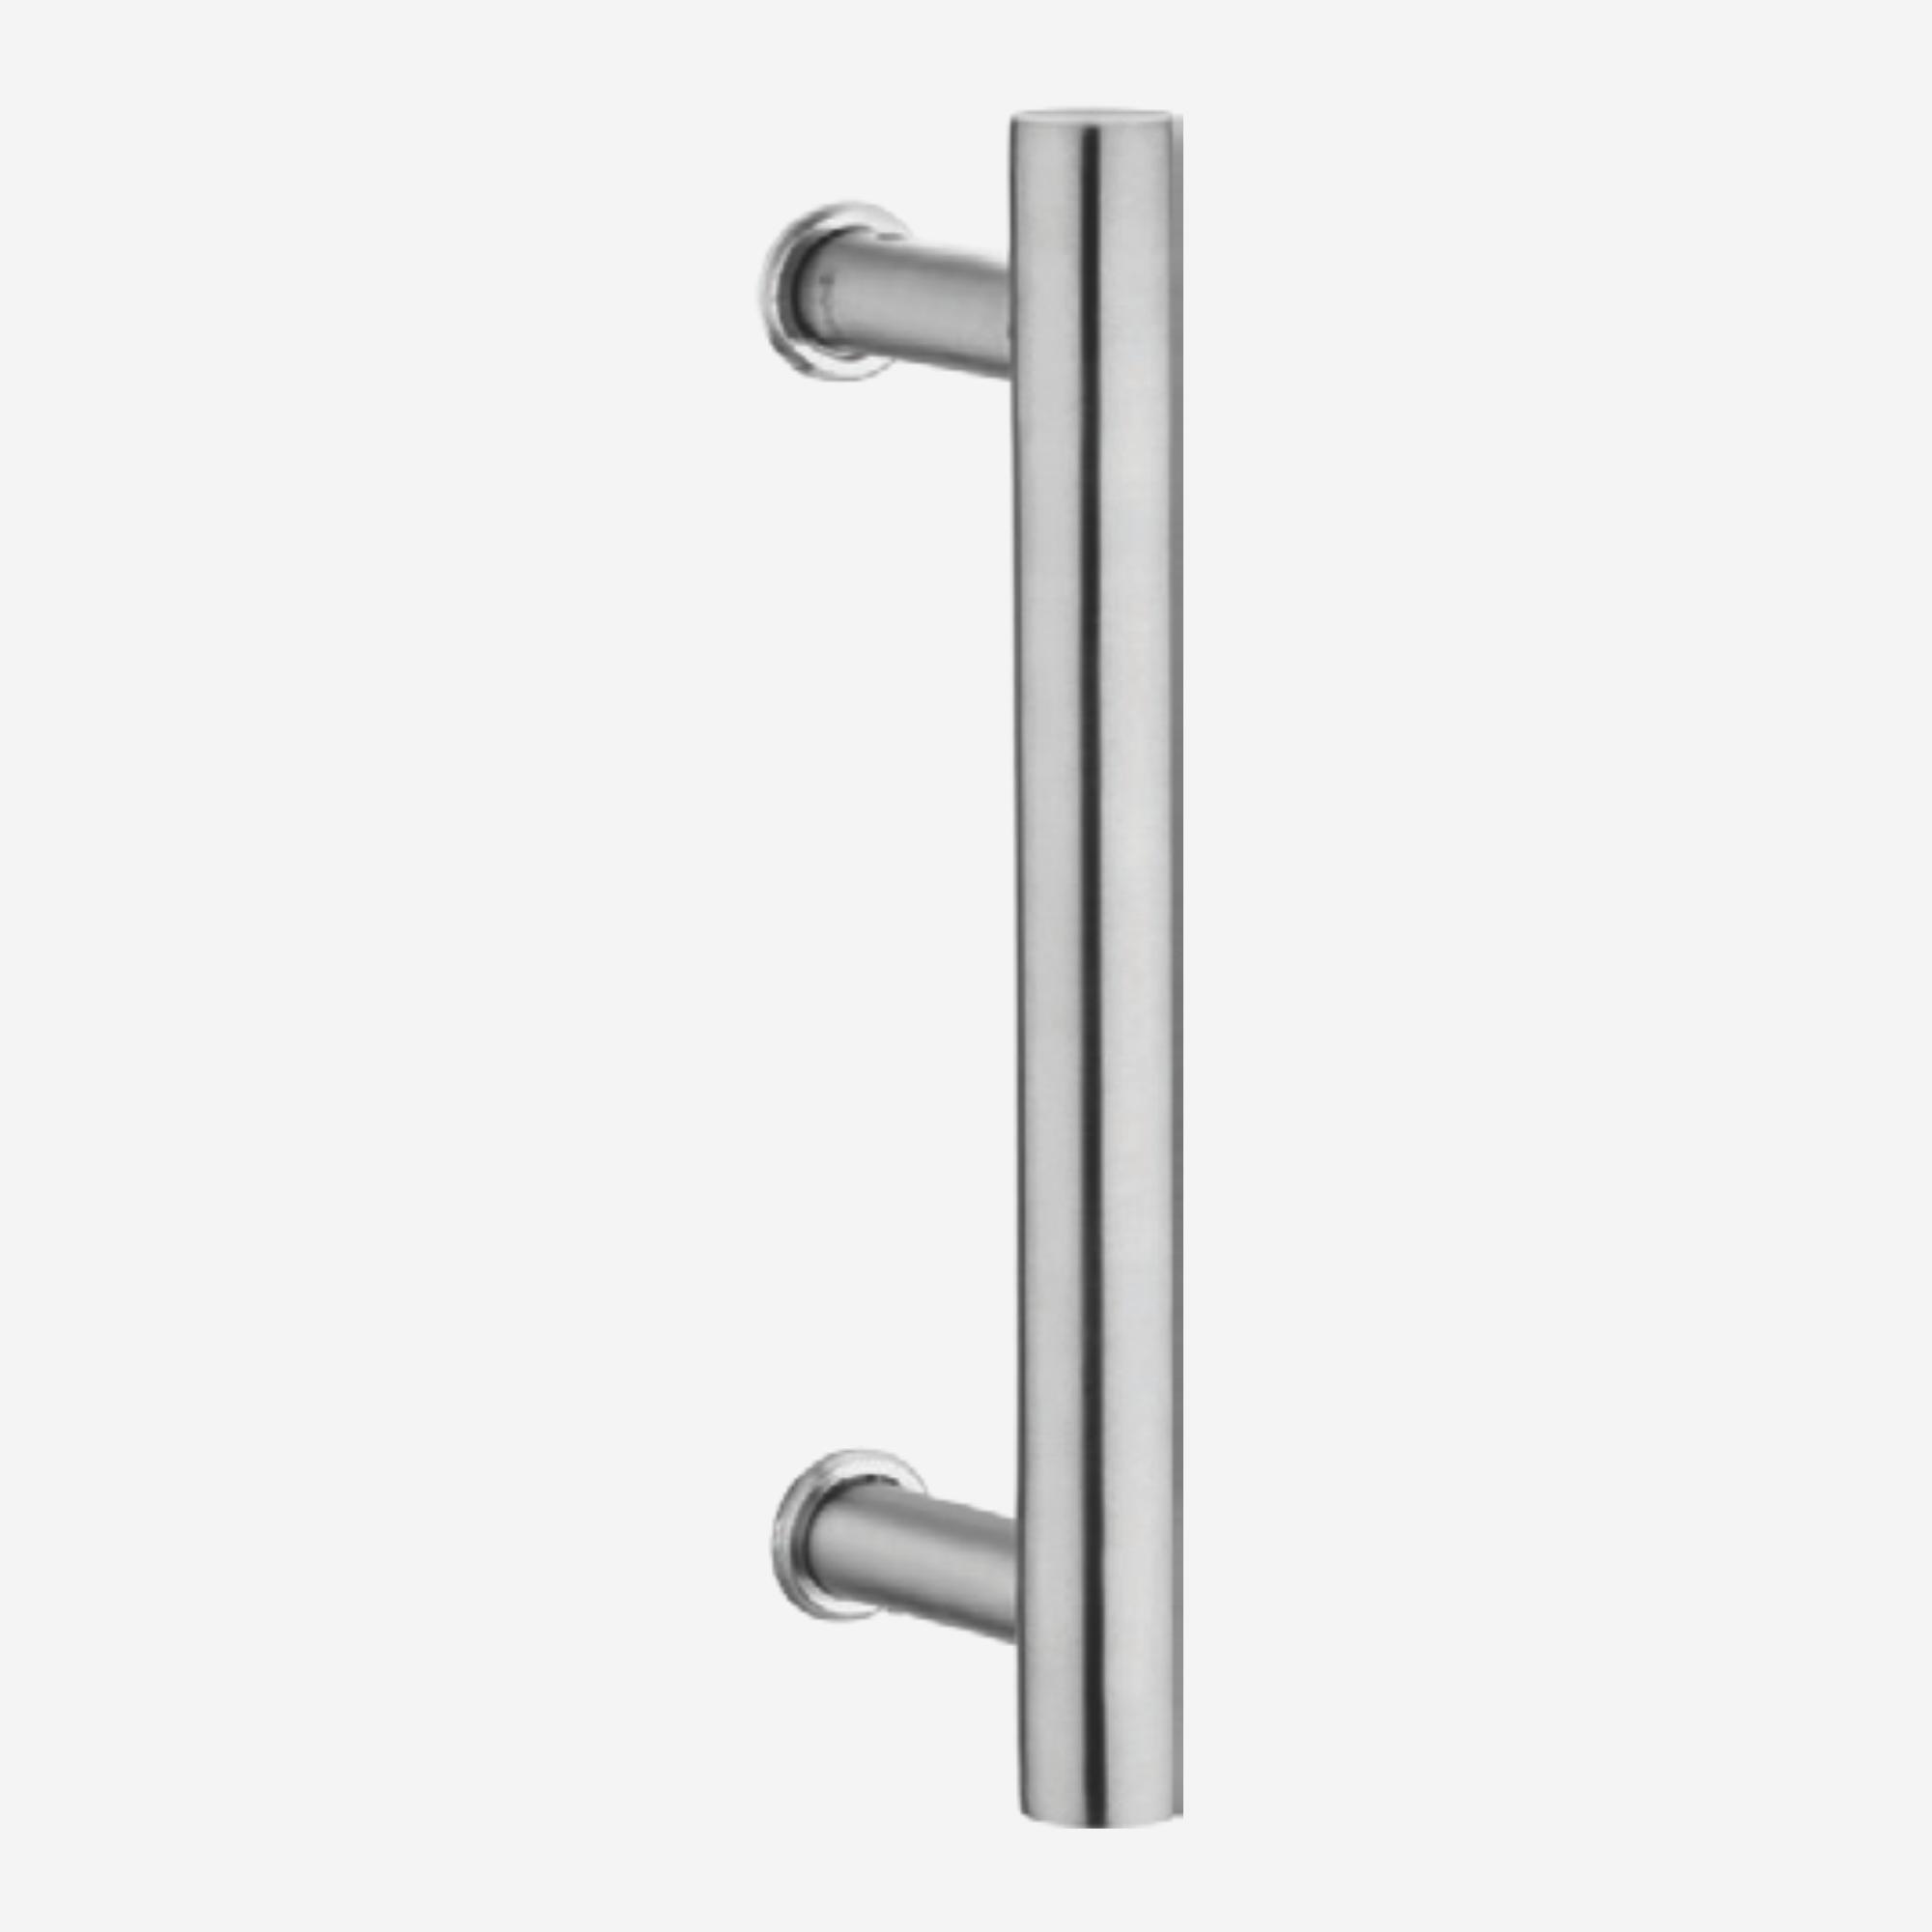 Dorset PULL HANDLE FOR GLASS DOOR 18inch - SH 18 P SS